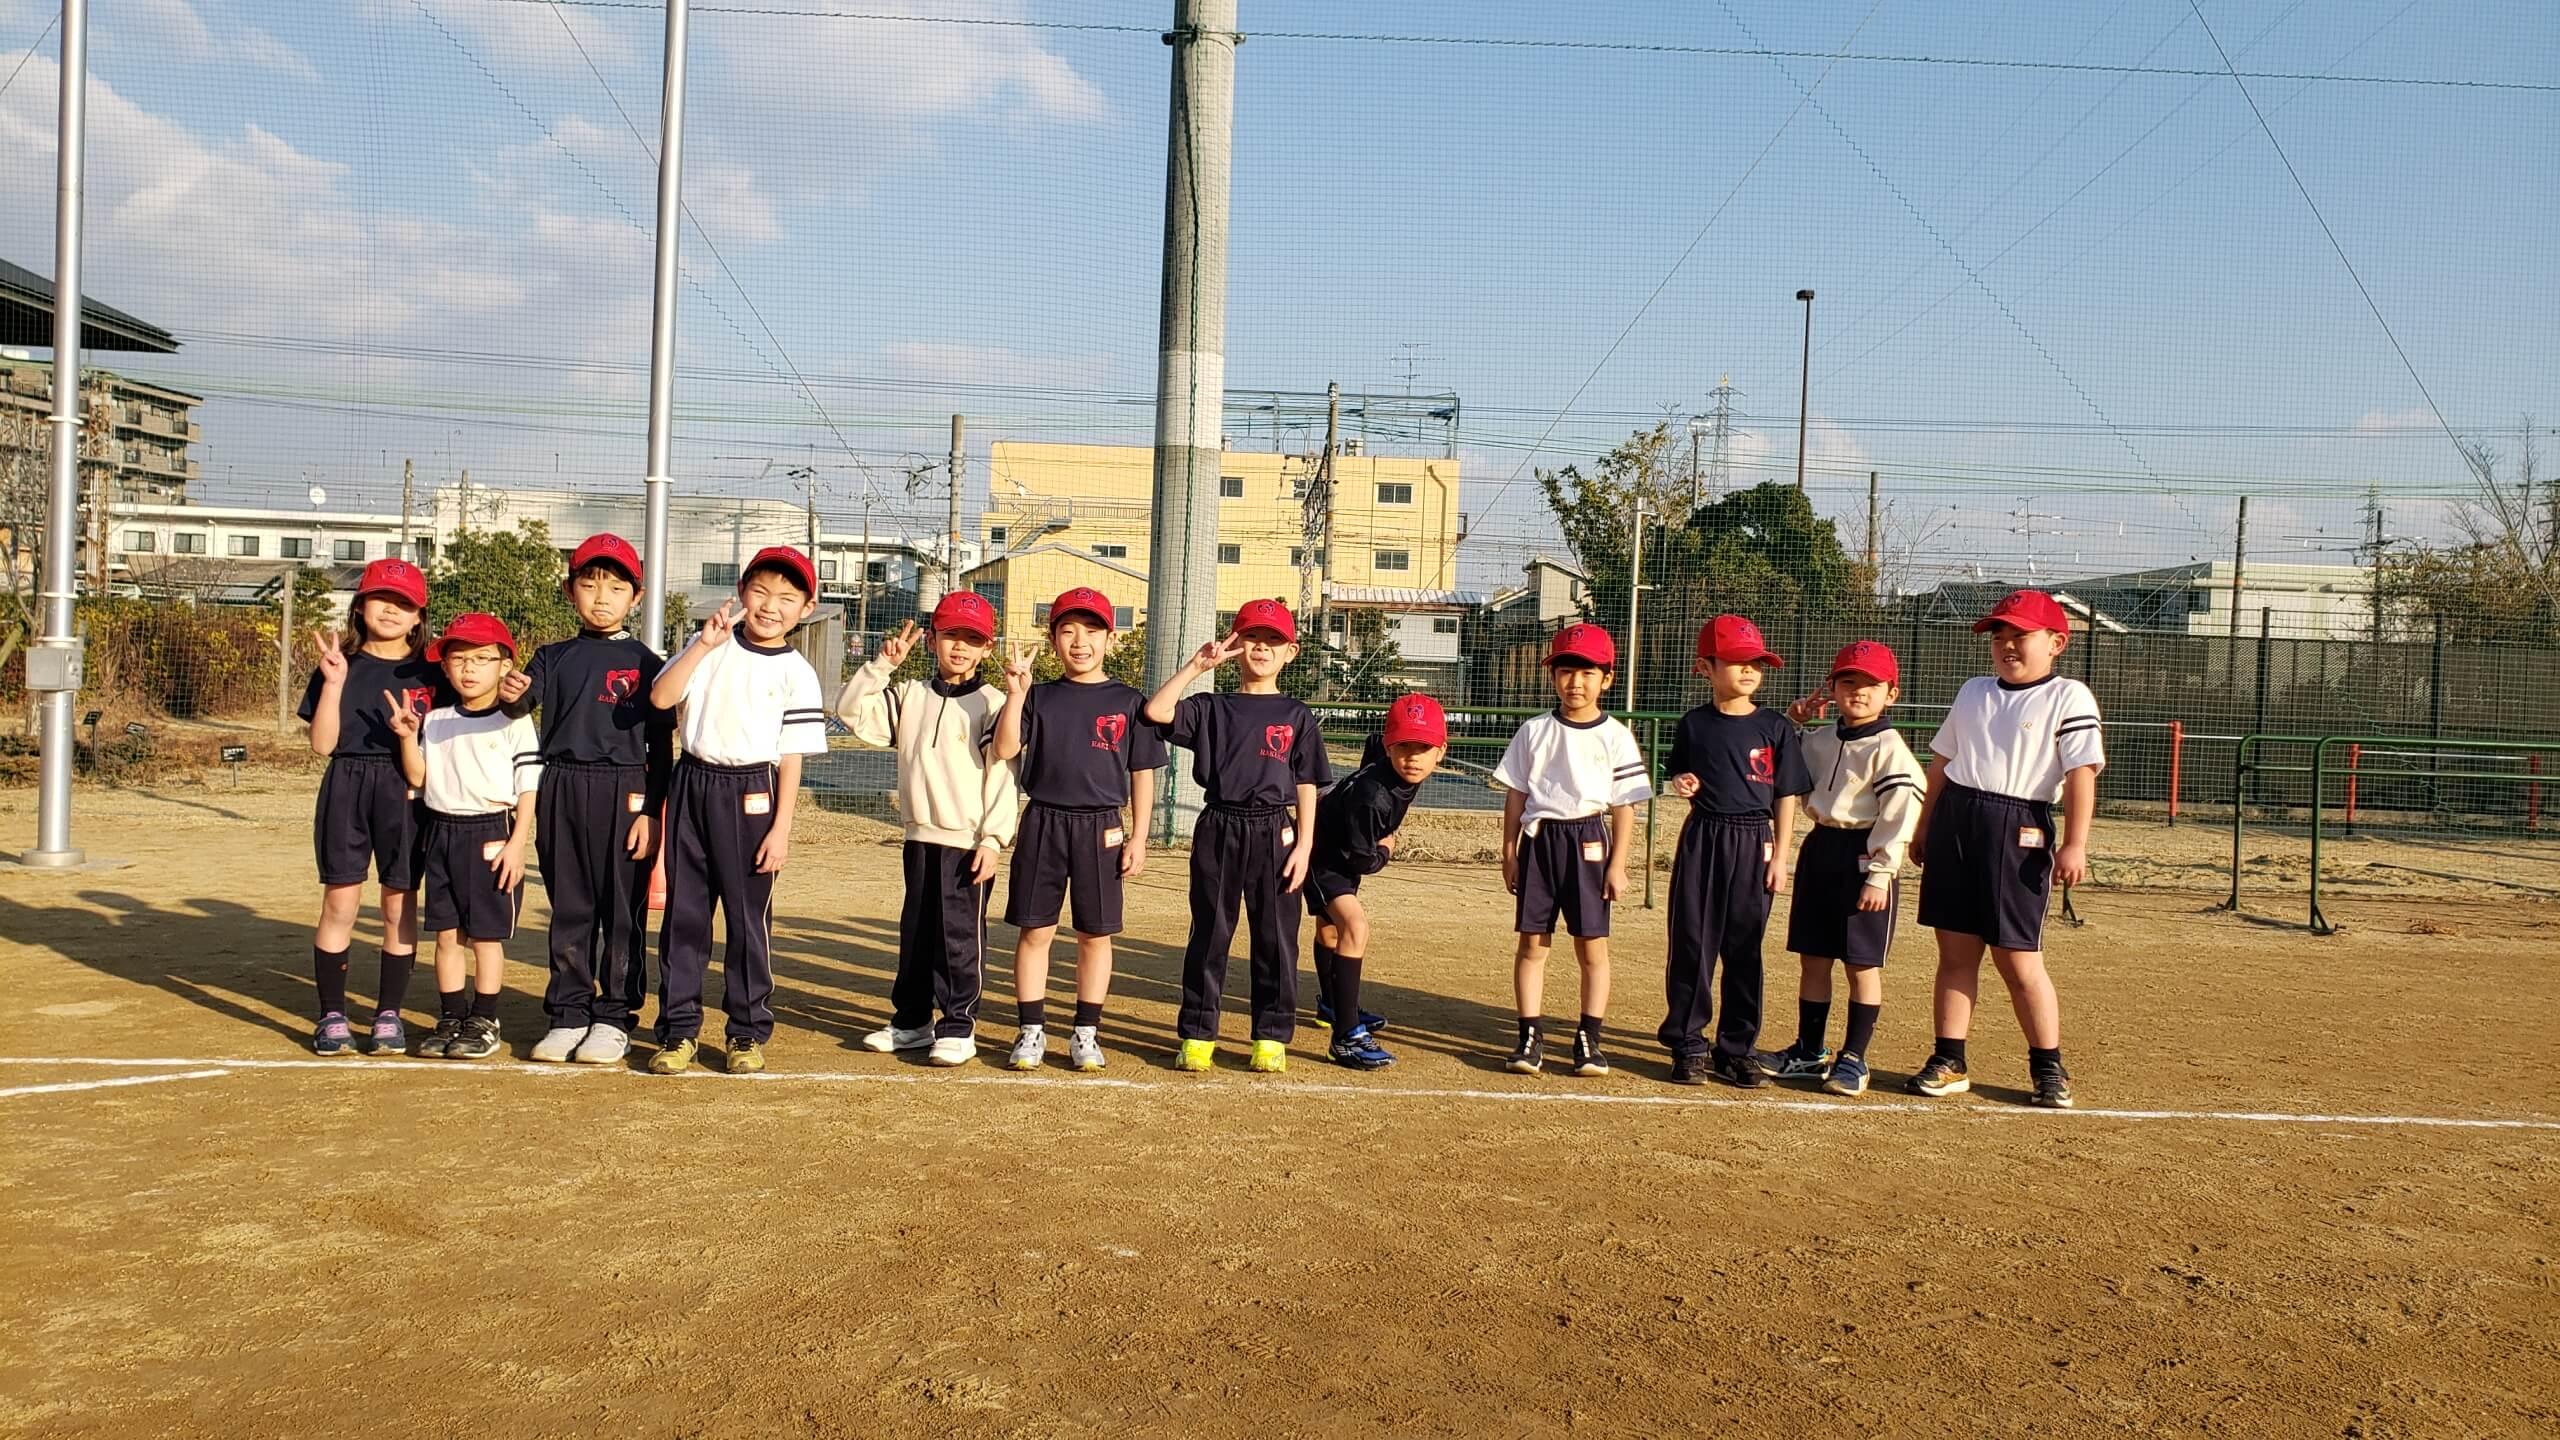 【洛南高等学校附属小学校 野球スクール】